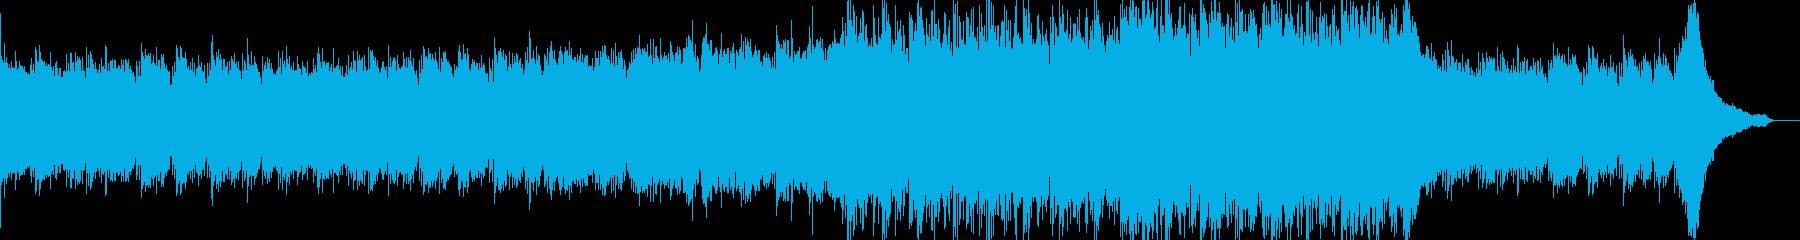 企業VPや映像59、オーケストラ、壮大bの再生済みの波形